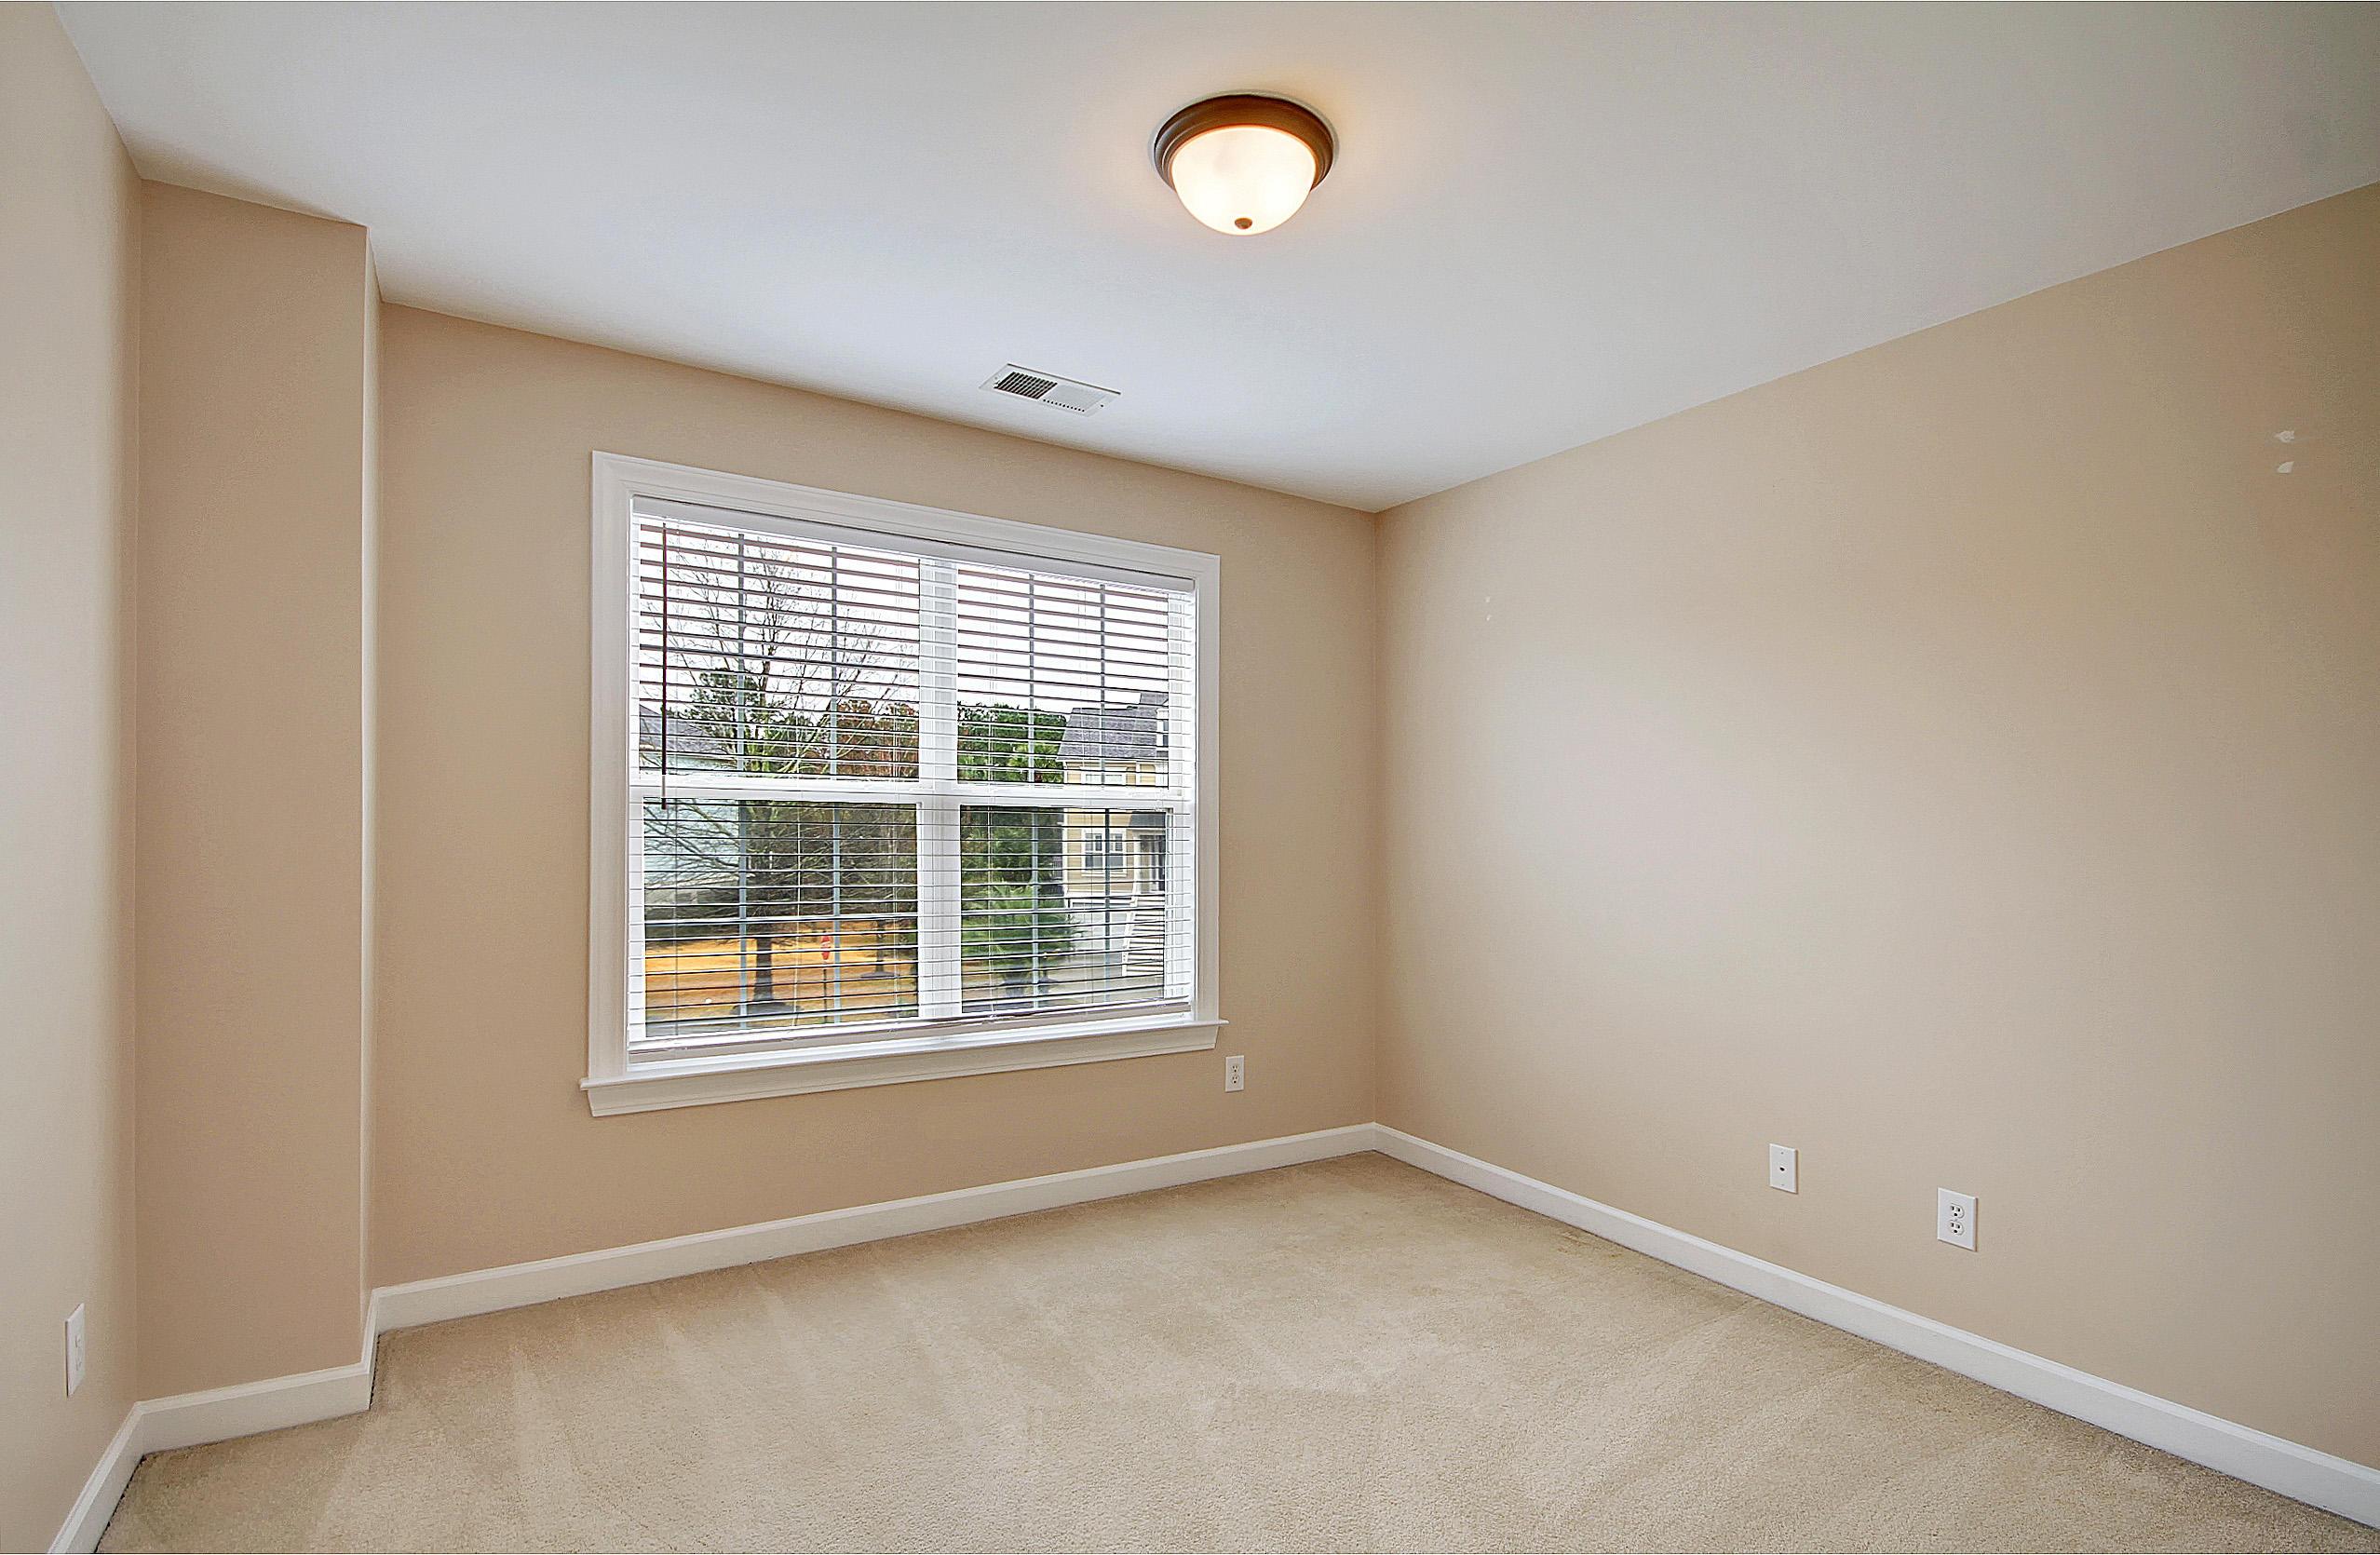 Dunes West Homes For Sale - 1501 Jacaranda, Mount Pleasant, SC - 5